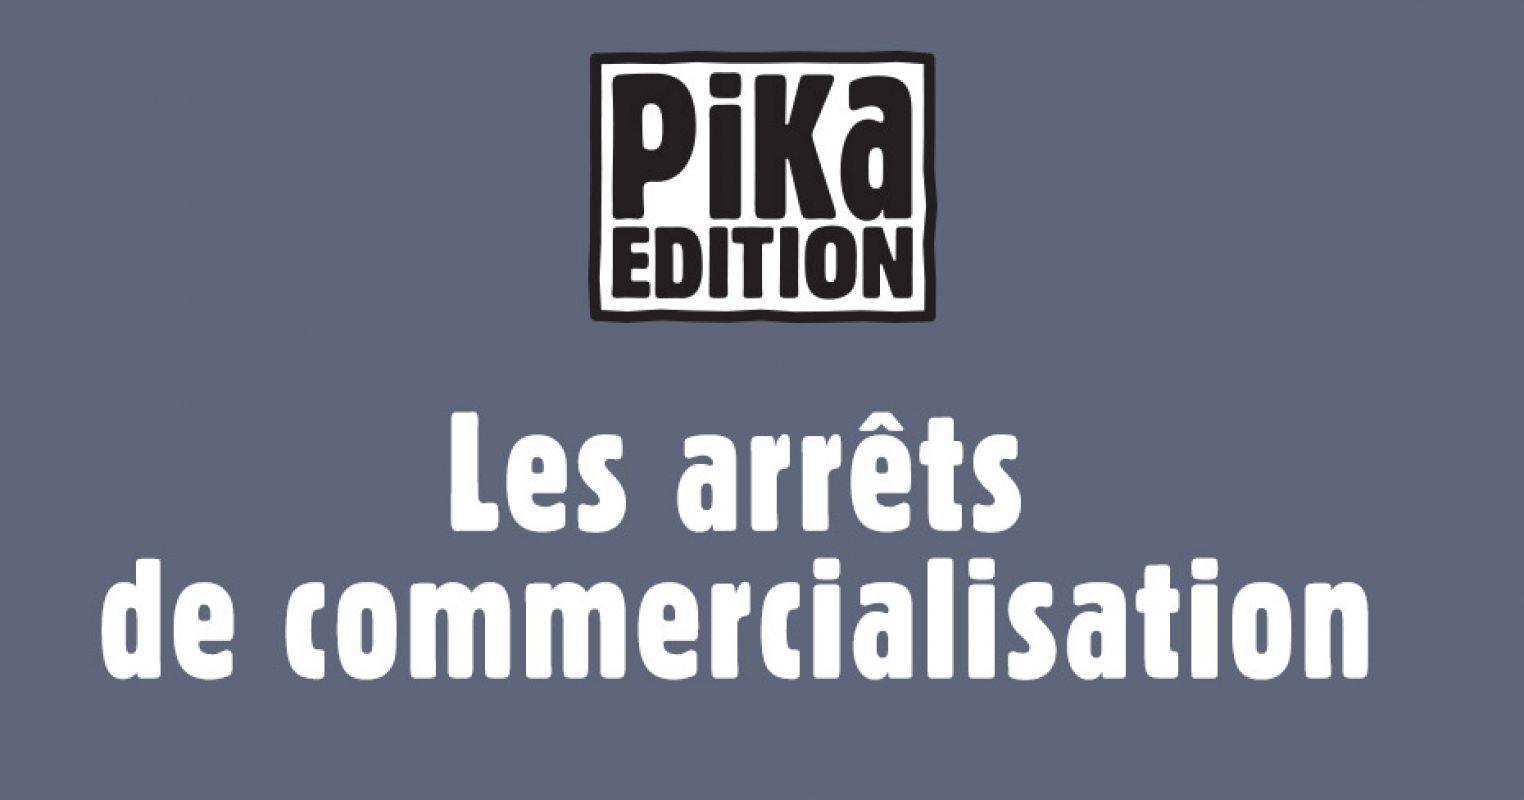 Pika annonce une vague d'arrêts de commercialisation